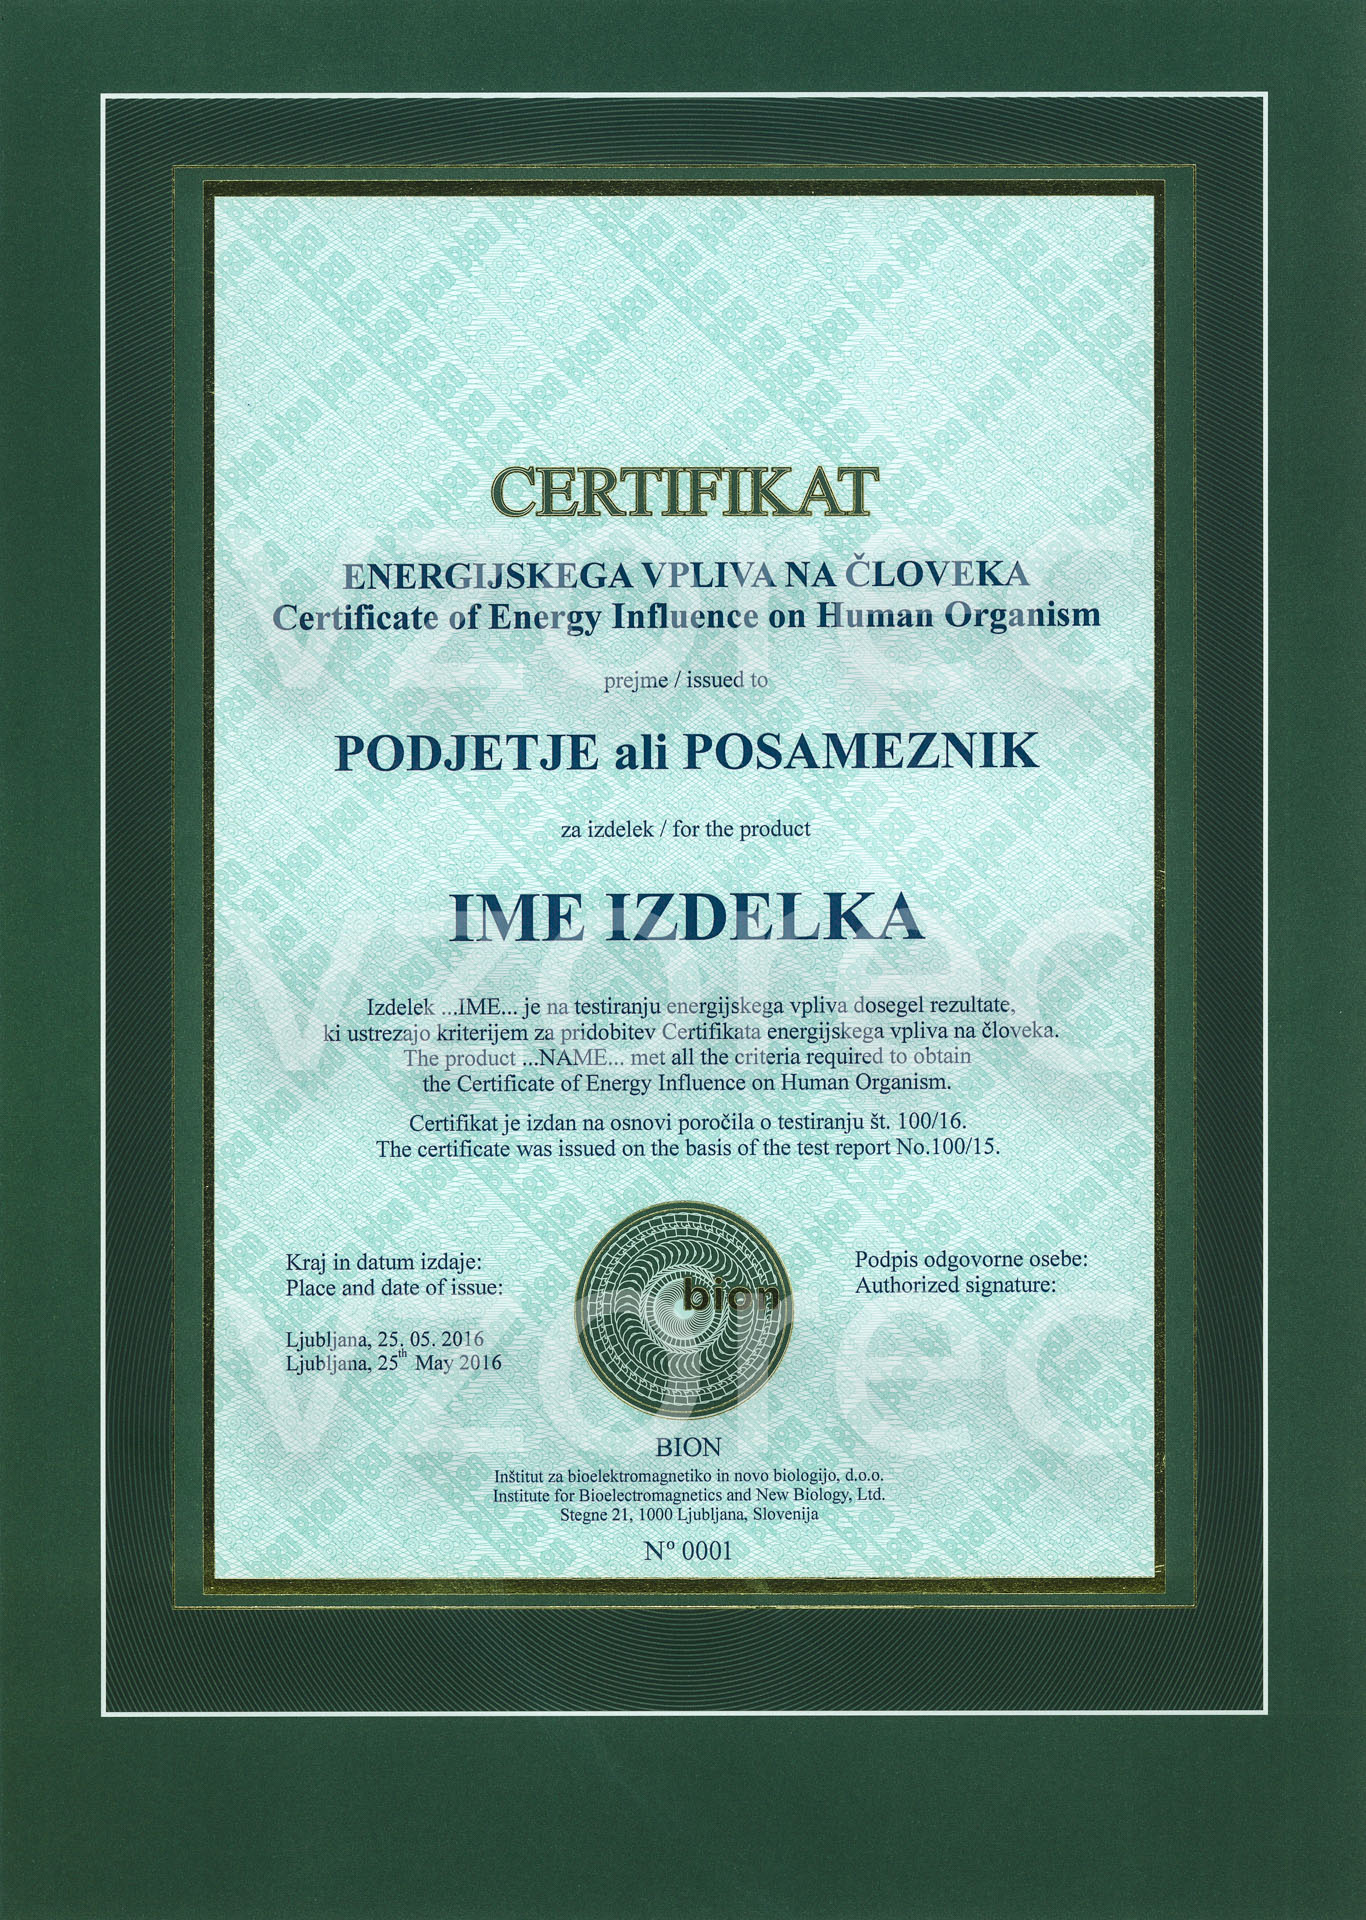 institut_bion_certifikat_energijskega_vpliva